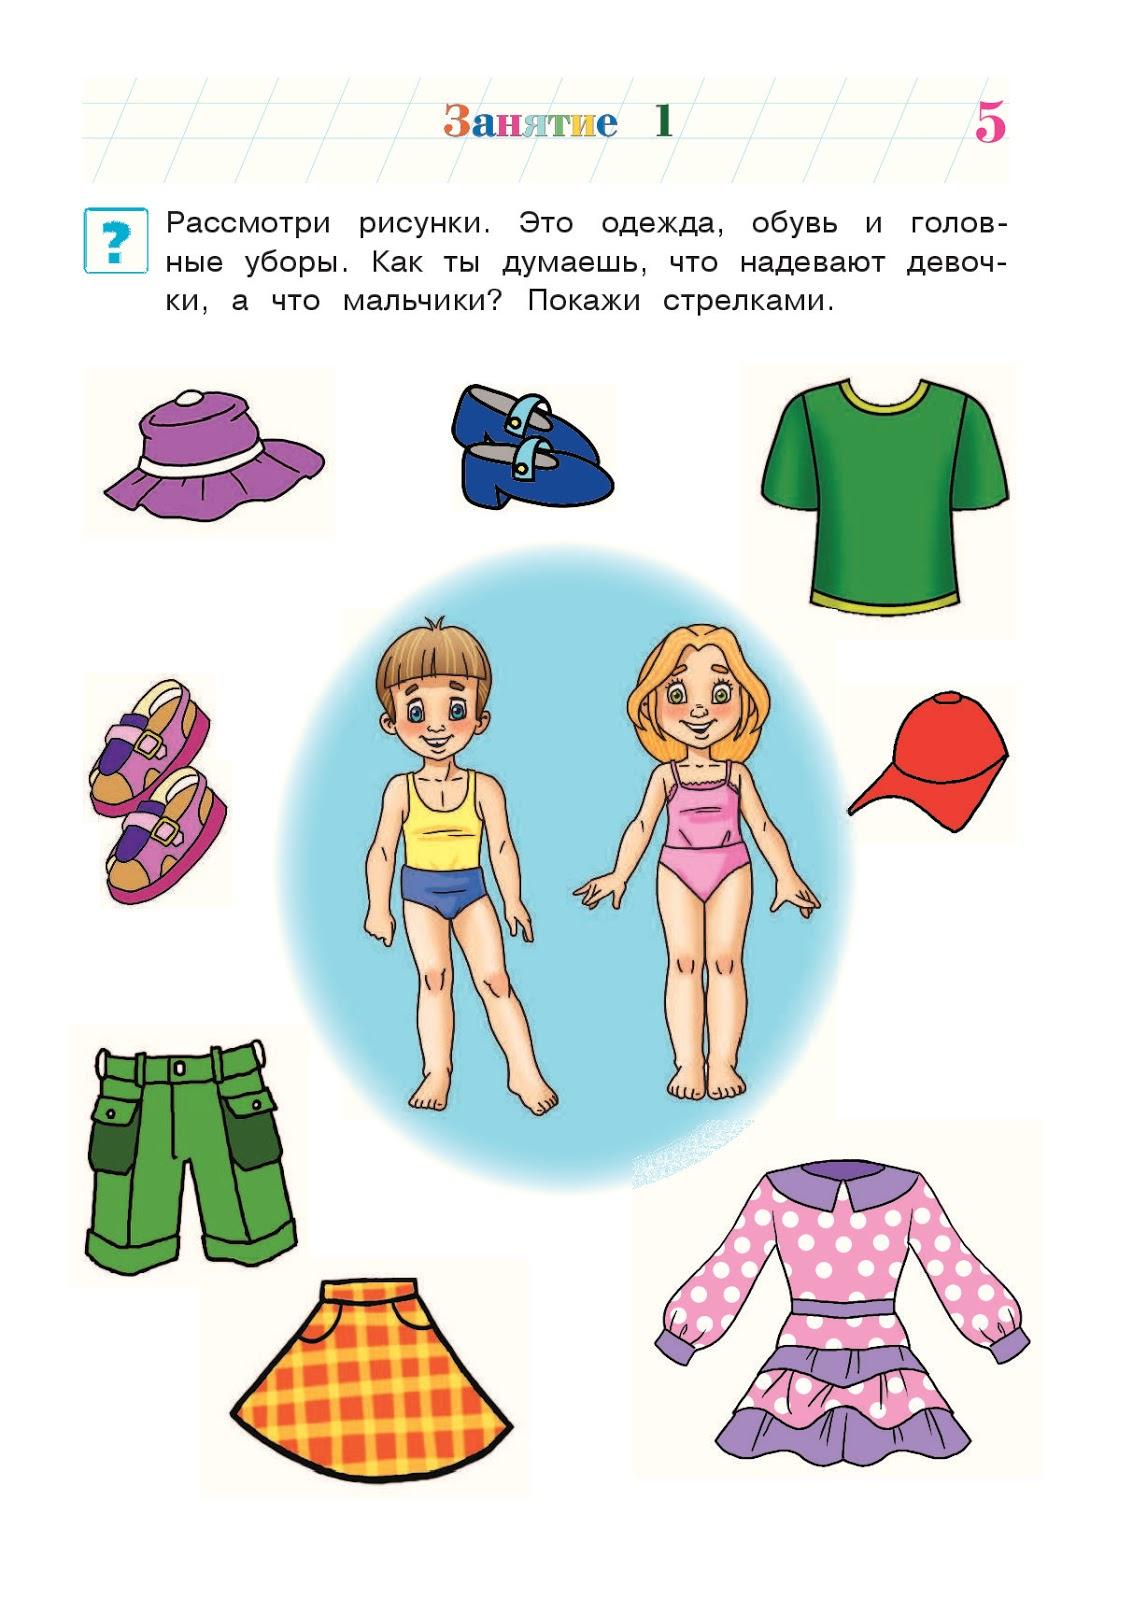 Картинки одежды на одном листе добавляют чернила